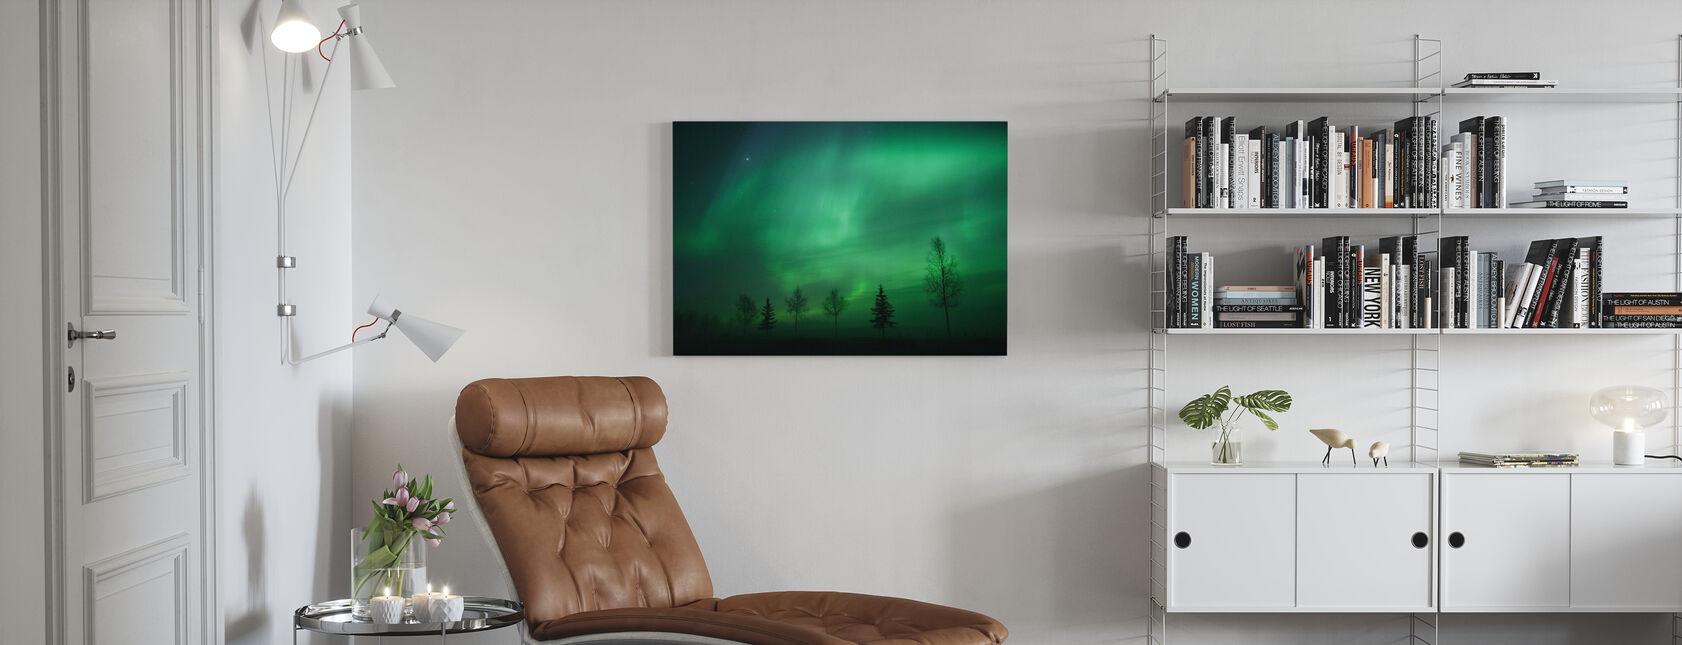 Lumières nordiques - Impression sur toile - Salle à manger